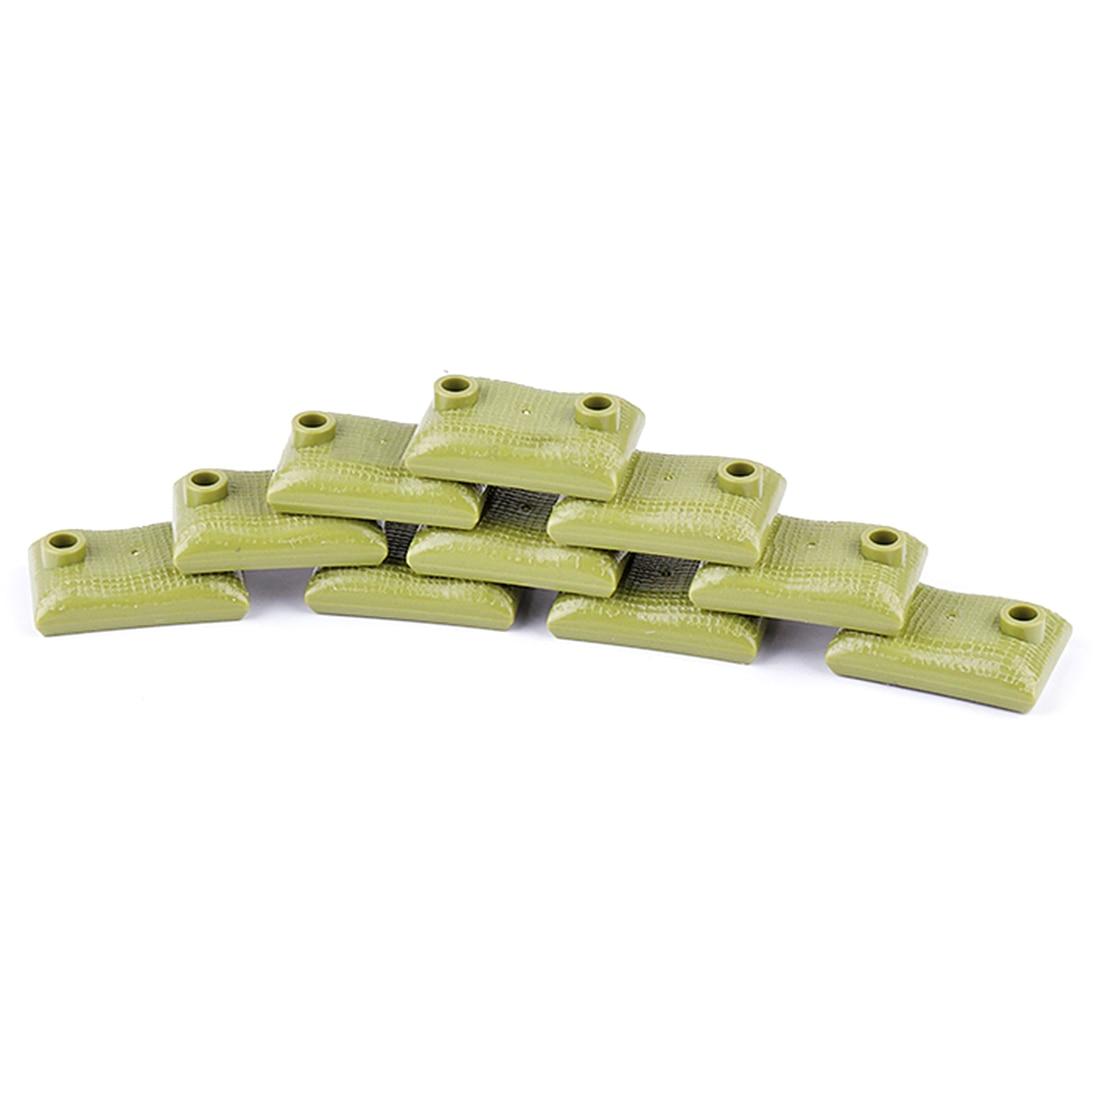 10 шт военные войны тема DIY маленькие частицы строительный блок земляные мешки модель головоломка игрушка для строительных блоков брендов-темно-коричневый - Цвет: 2722928